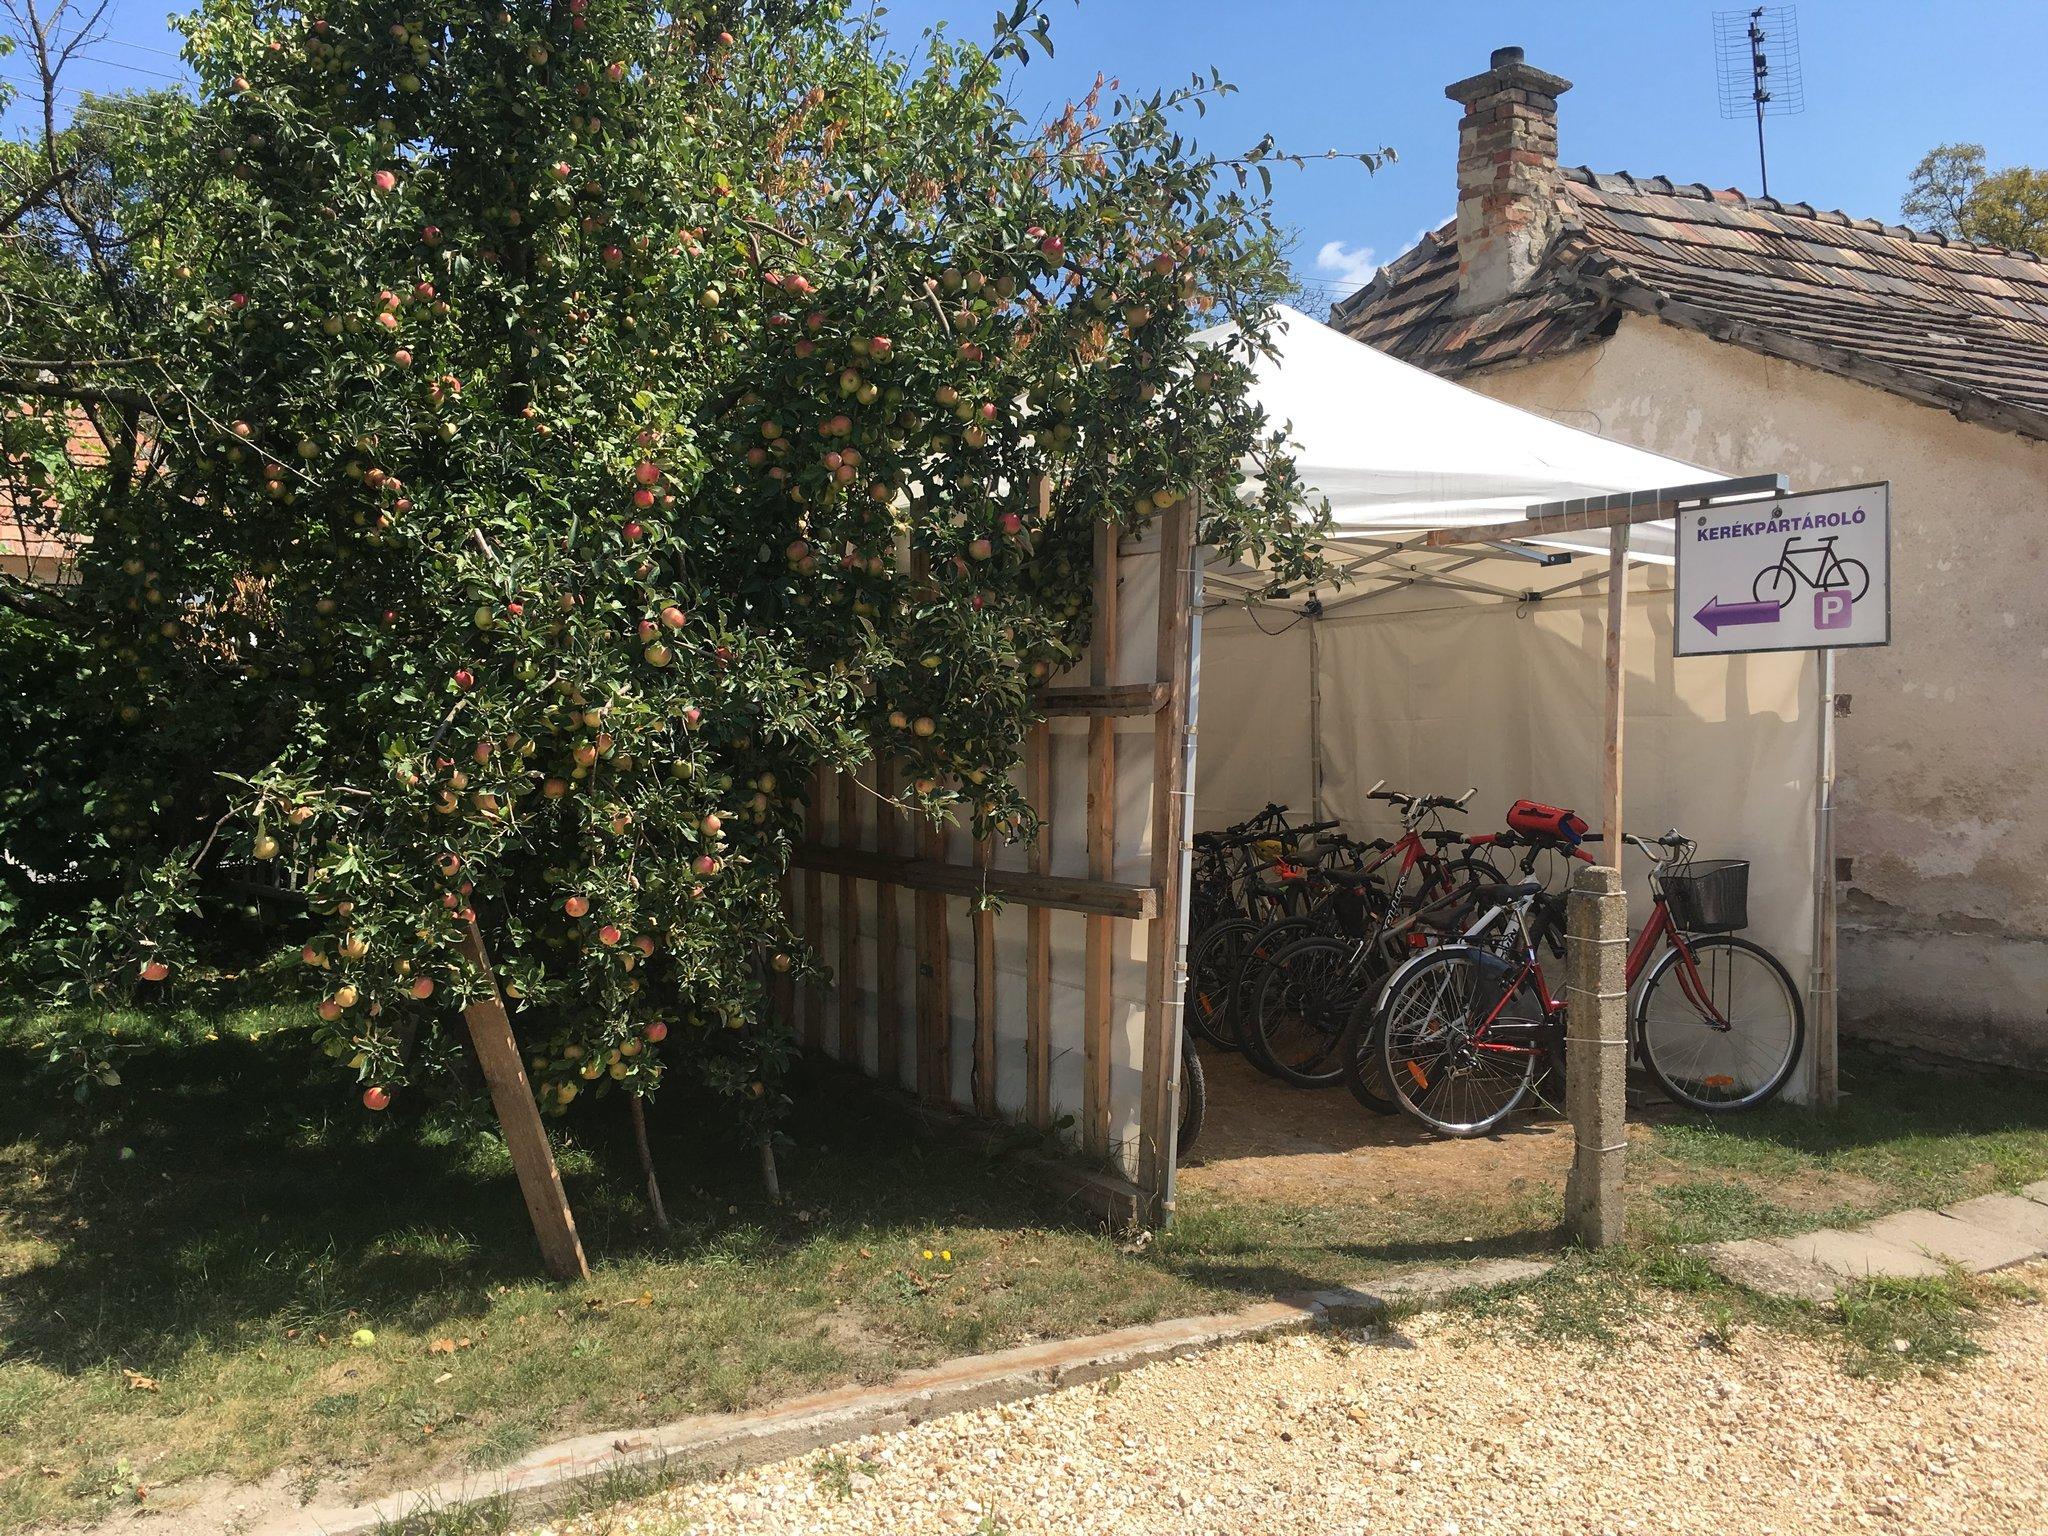 Kerékpár tároló az almafák árnyékában